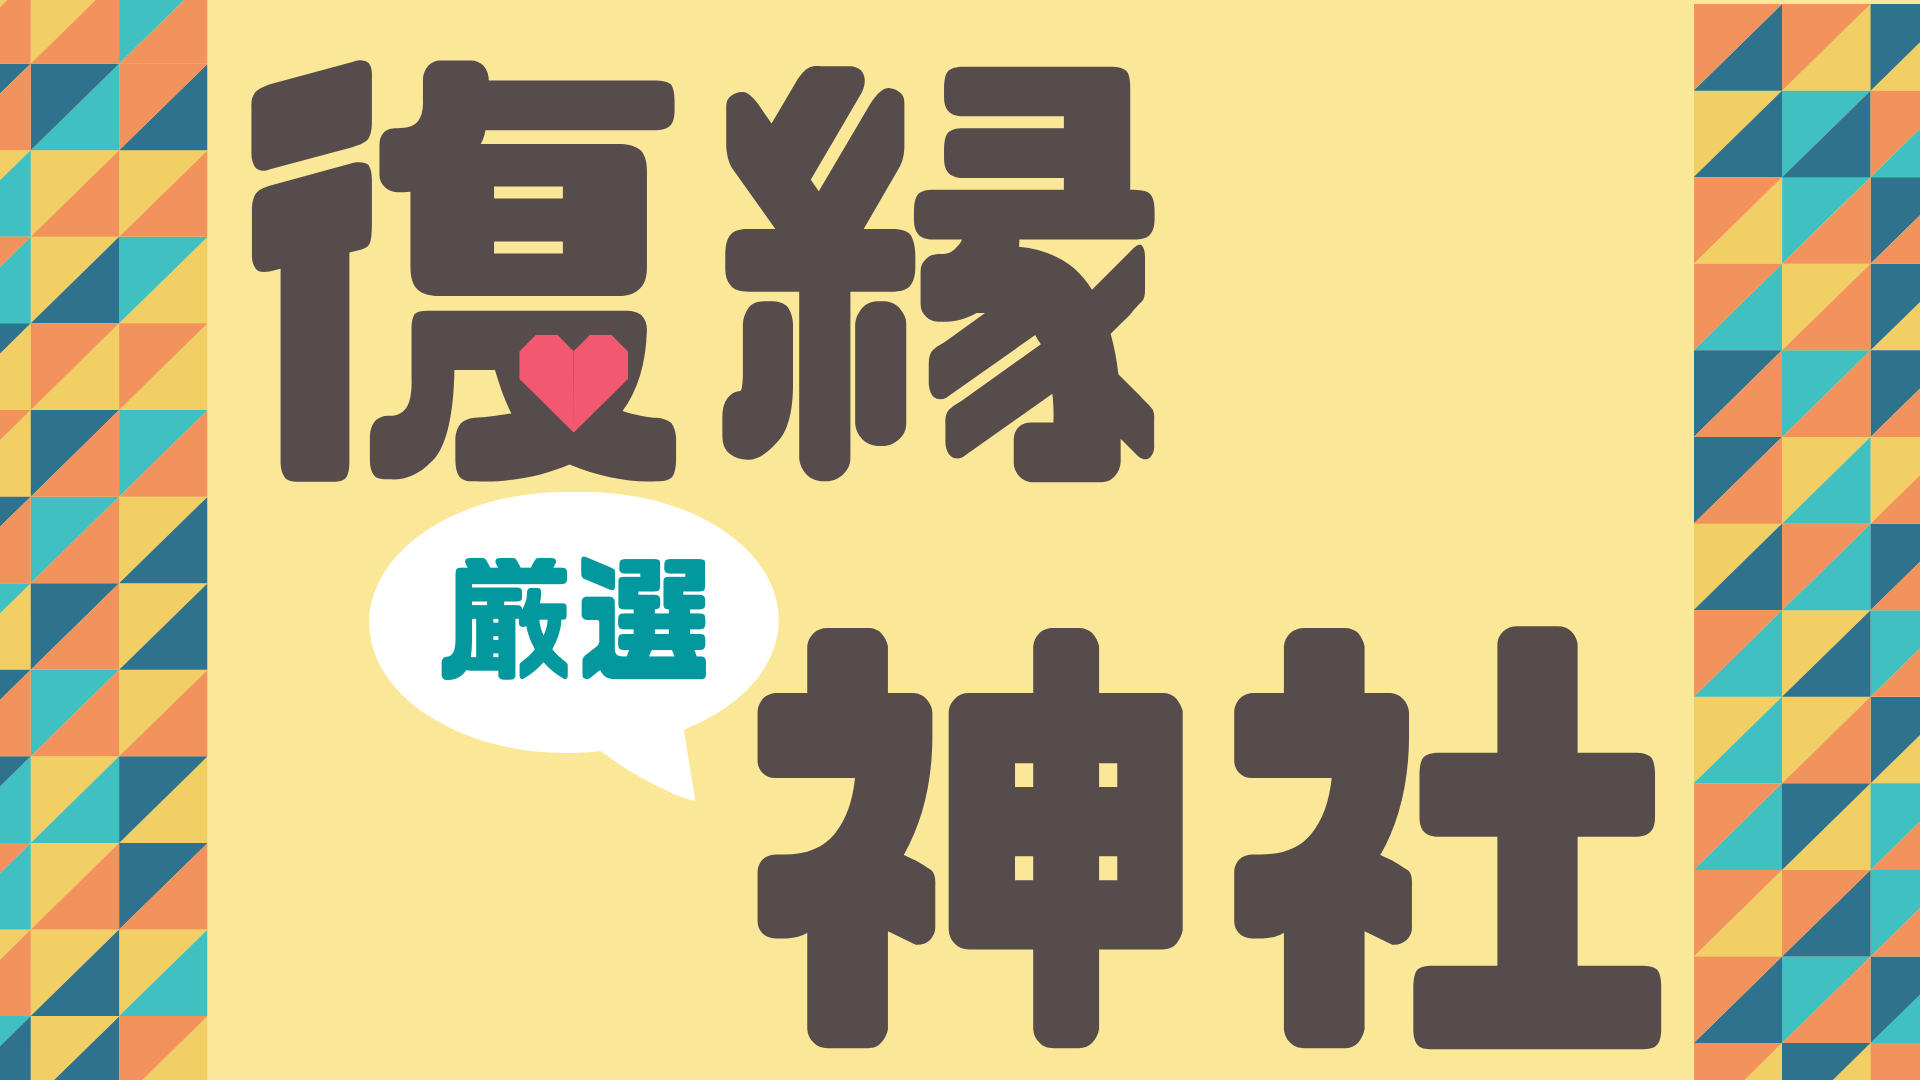 復縁に高い効果のある強力神社を大公開(東京・京都・九州)